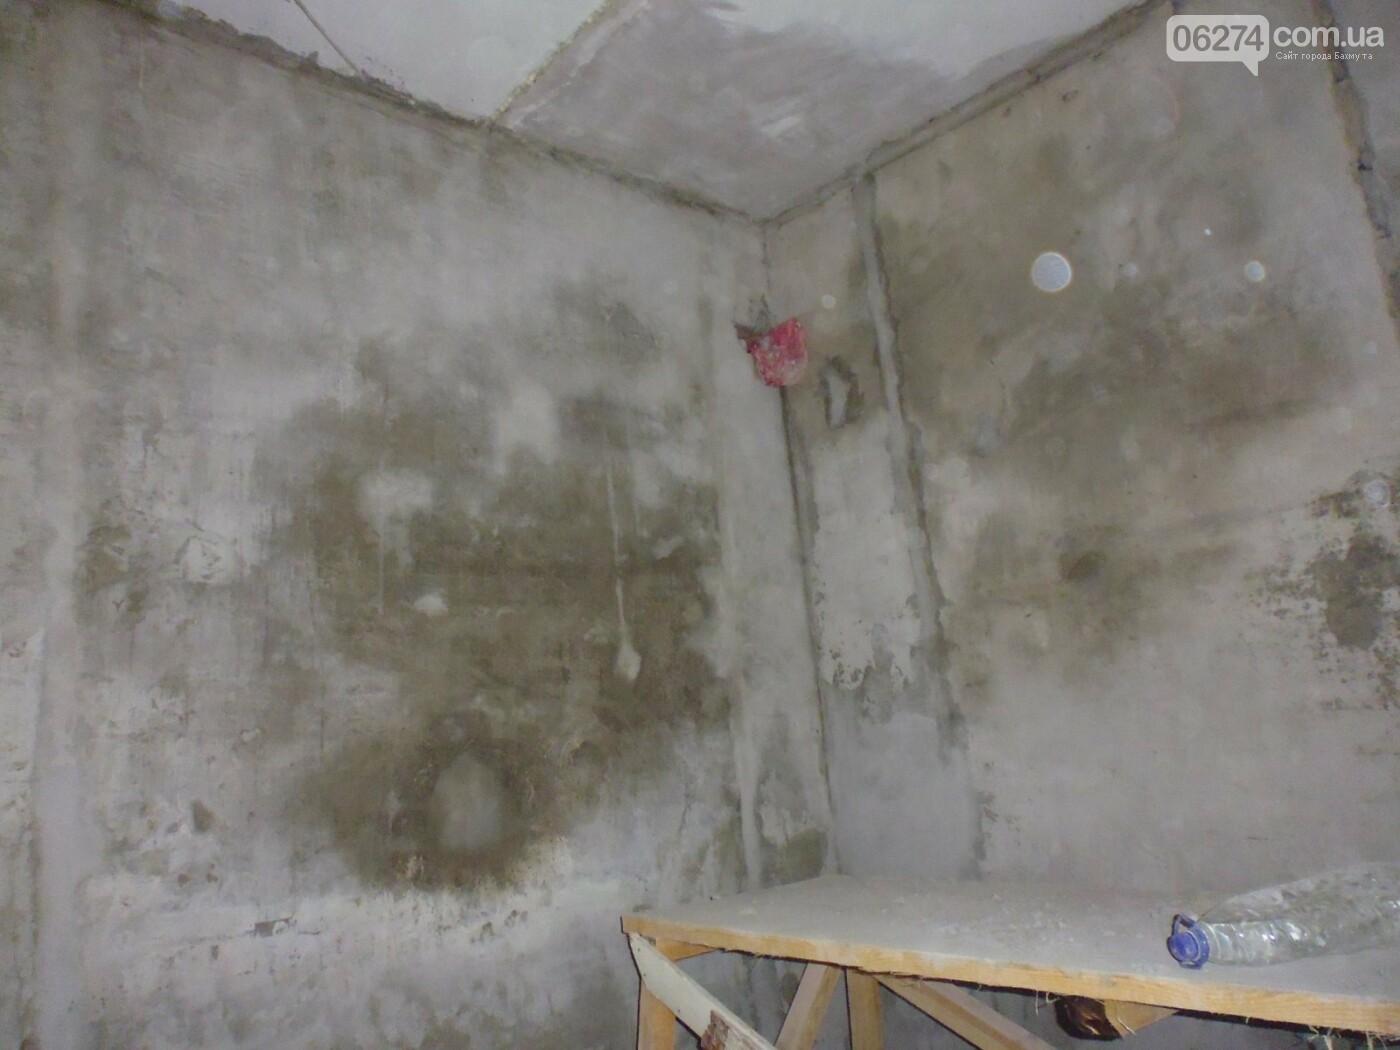 В Бахмуте начали ремонт в патологоанатомическом отделении (ФОТОФАКТ), фото-7